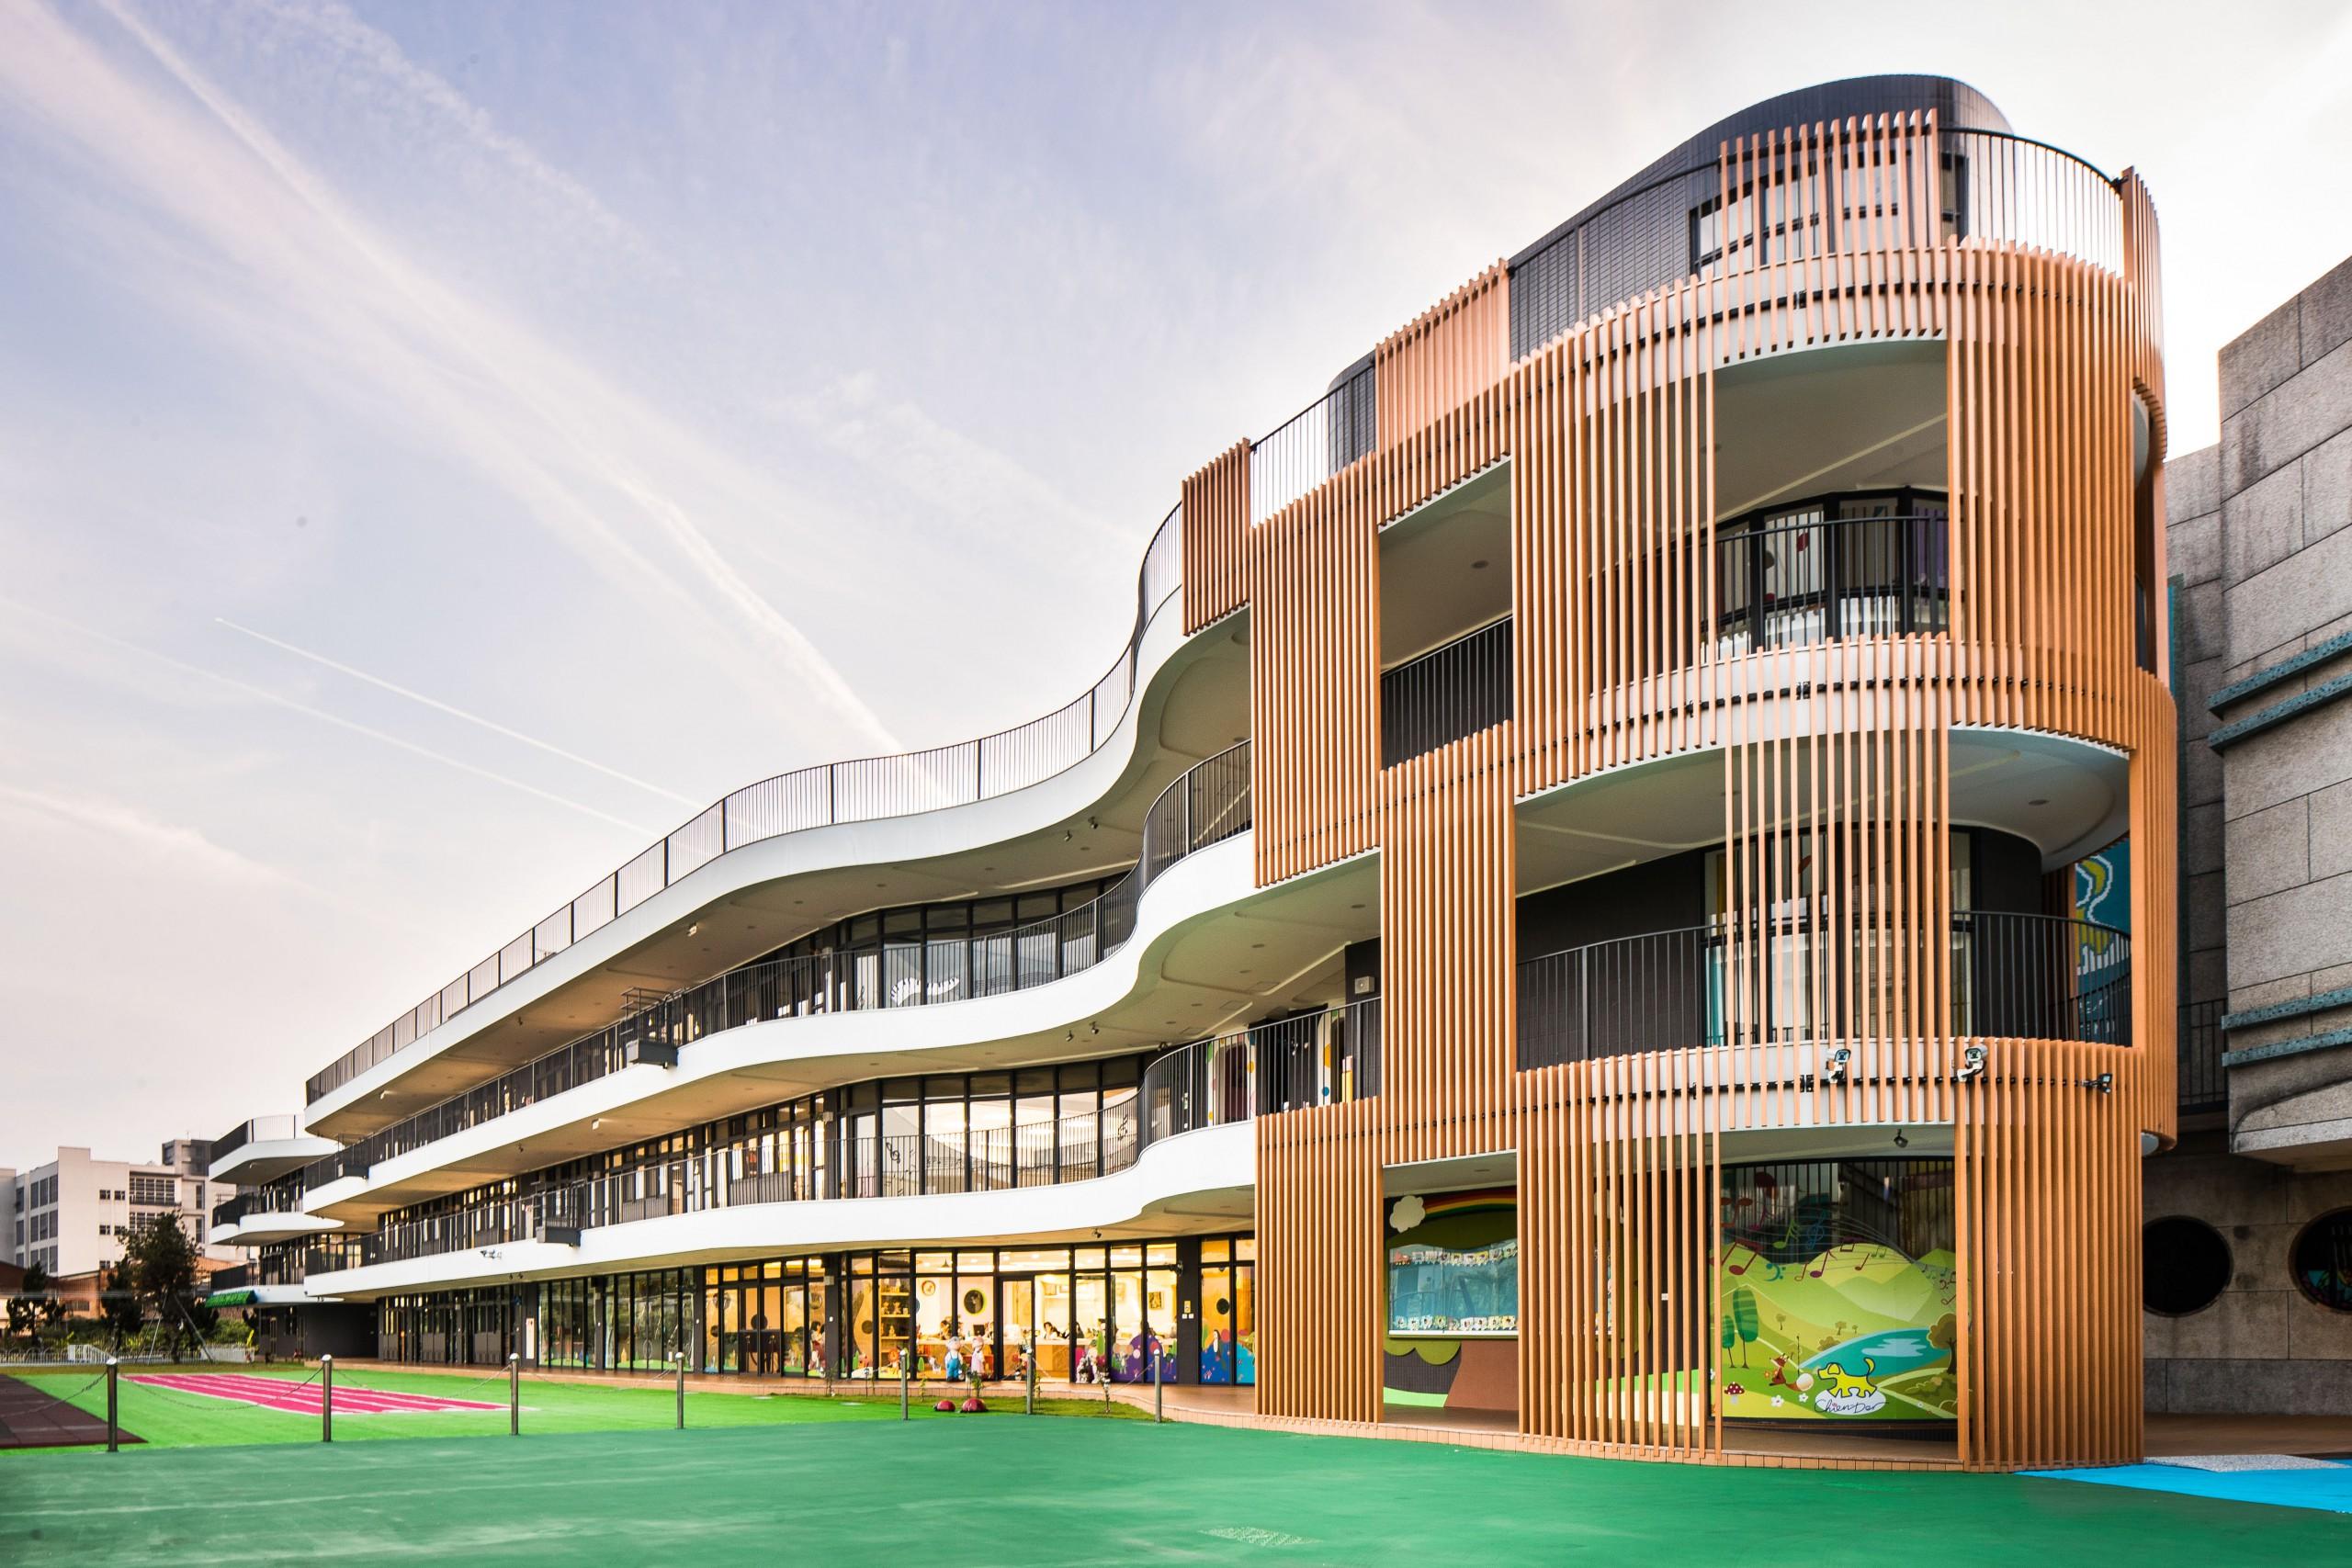 新北市成德幼兒園,宜蘭建築師,德築建設幼兒園設計